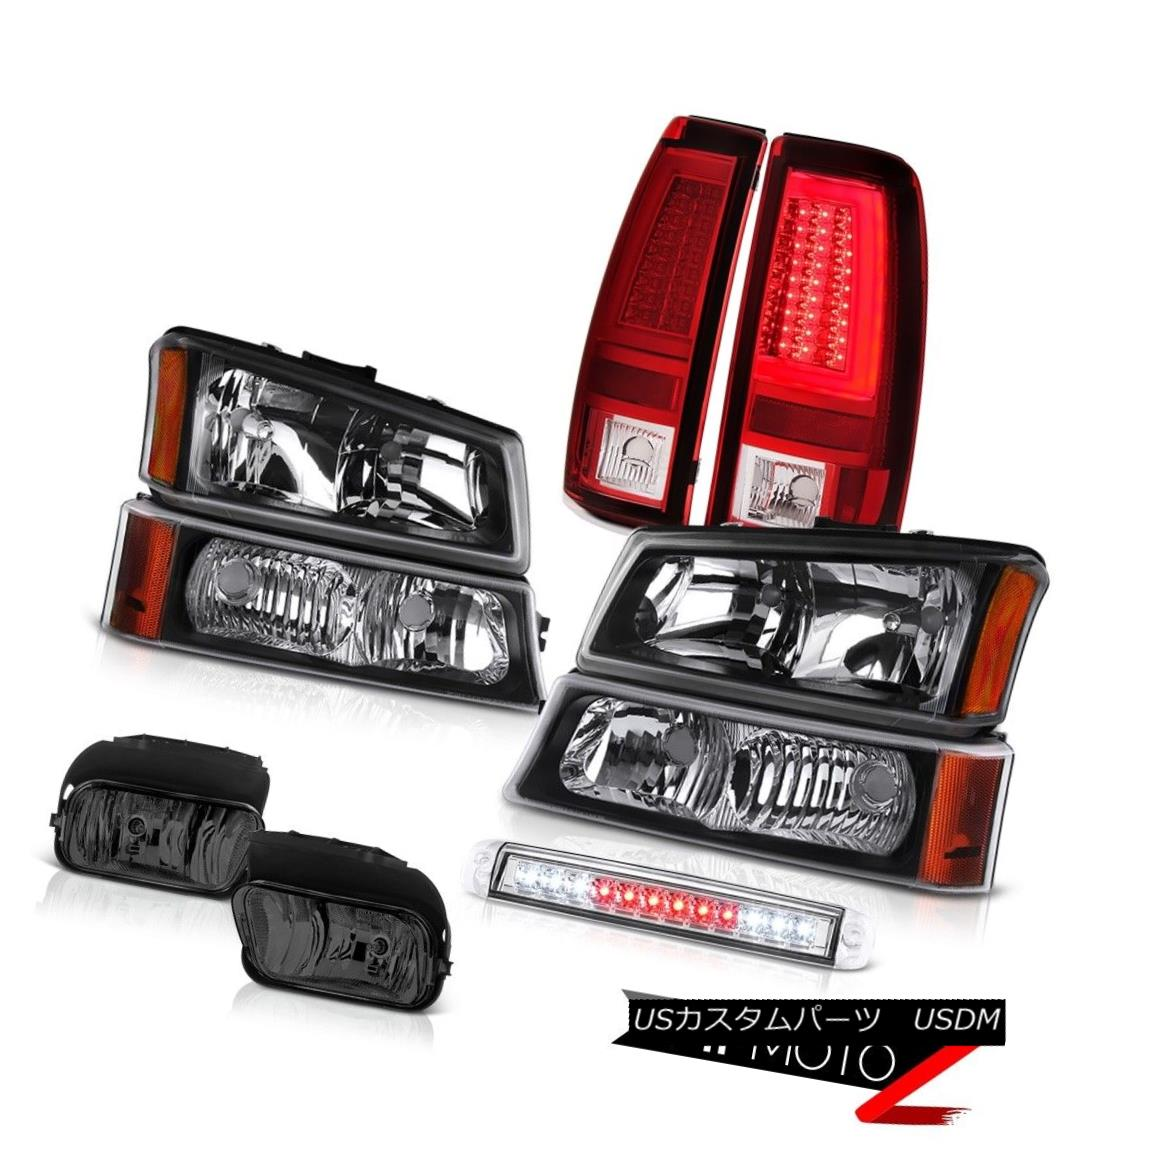 テールライト 03-06 Silverado 1500 Tail Lamps Roof Cab Lamp Fog Lights Bumper Light Headlamps 03-06 Silverado 1500テールランプルーフキャブランプフォグライトバンパーライトヘッドランプ